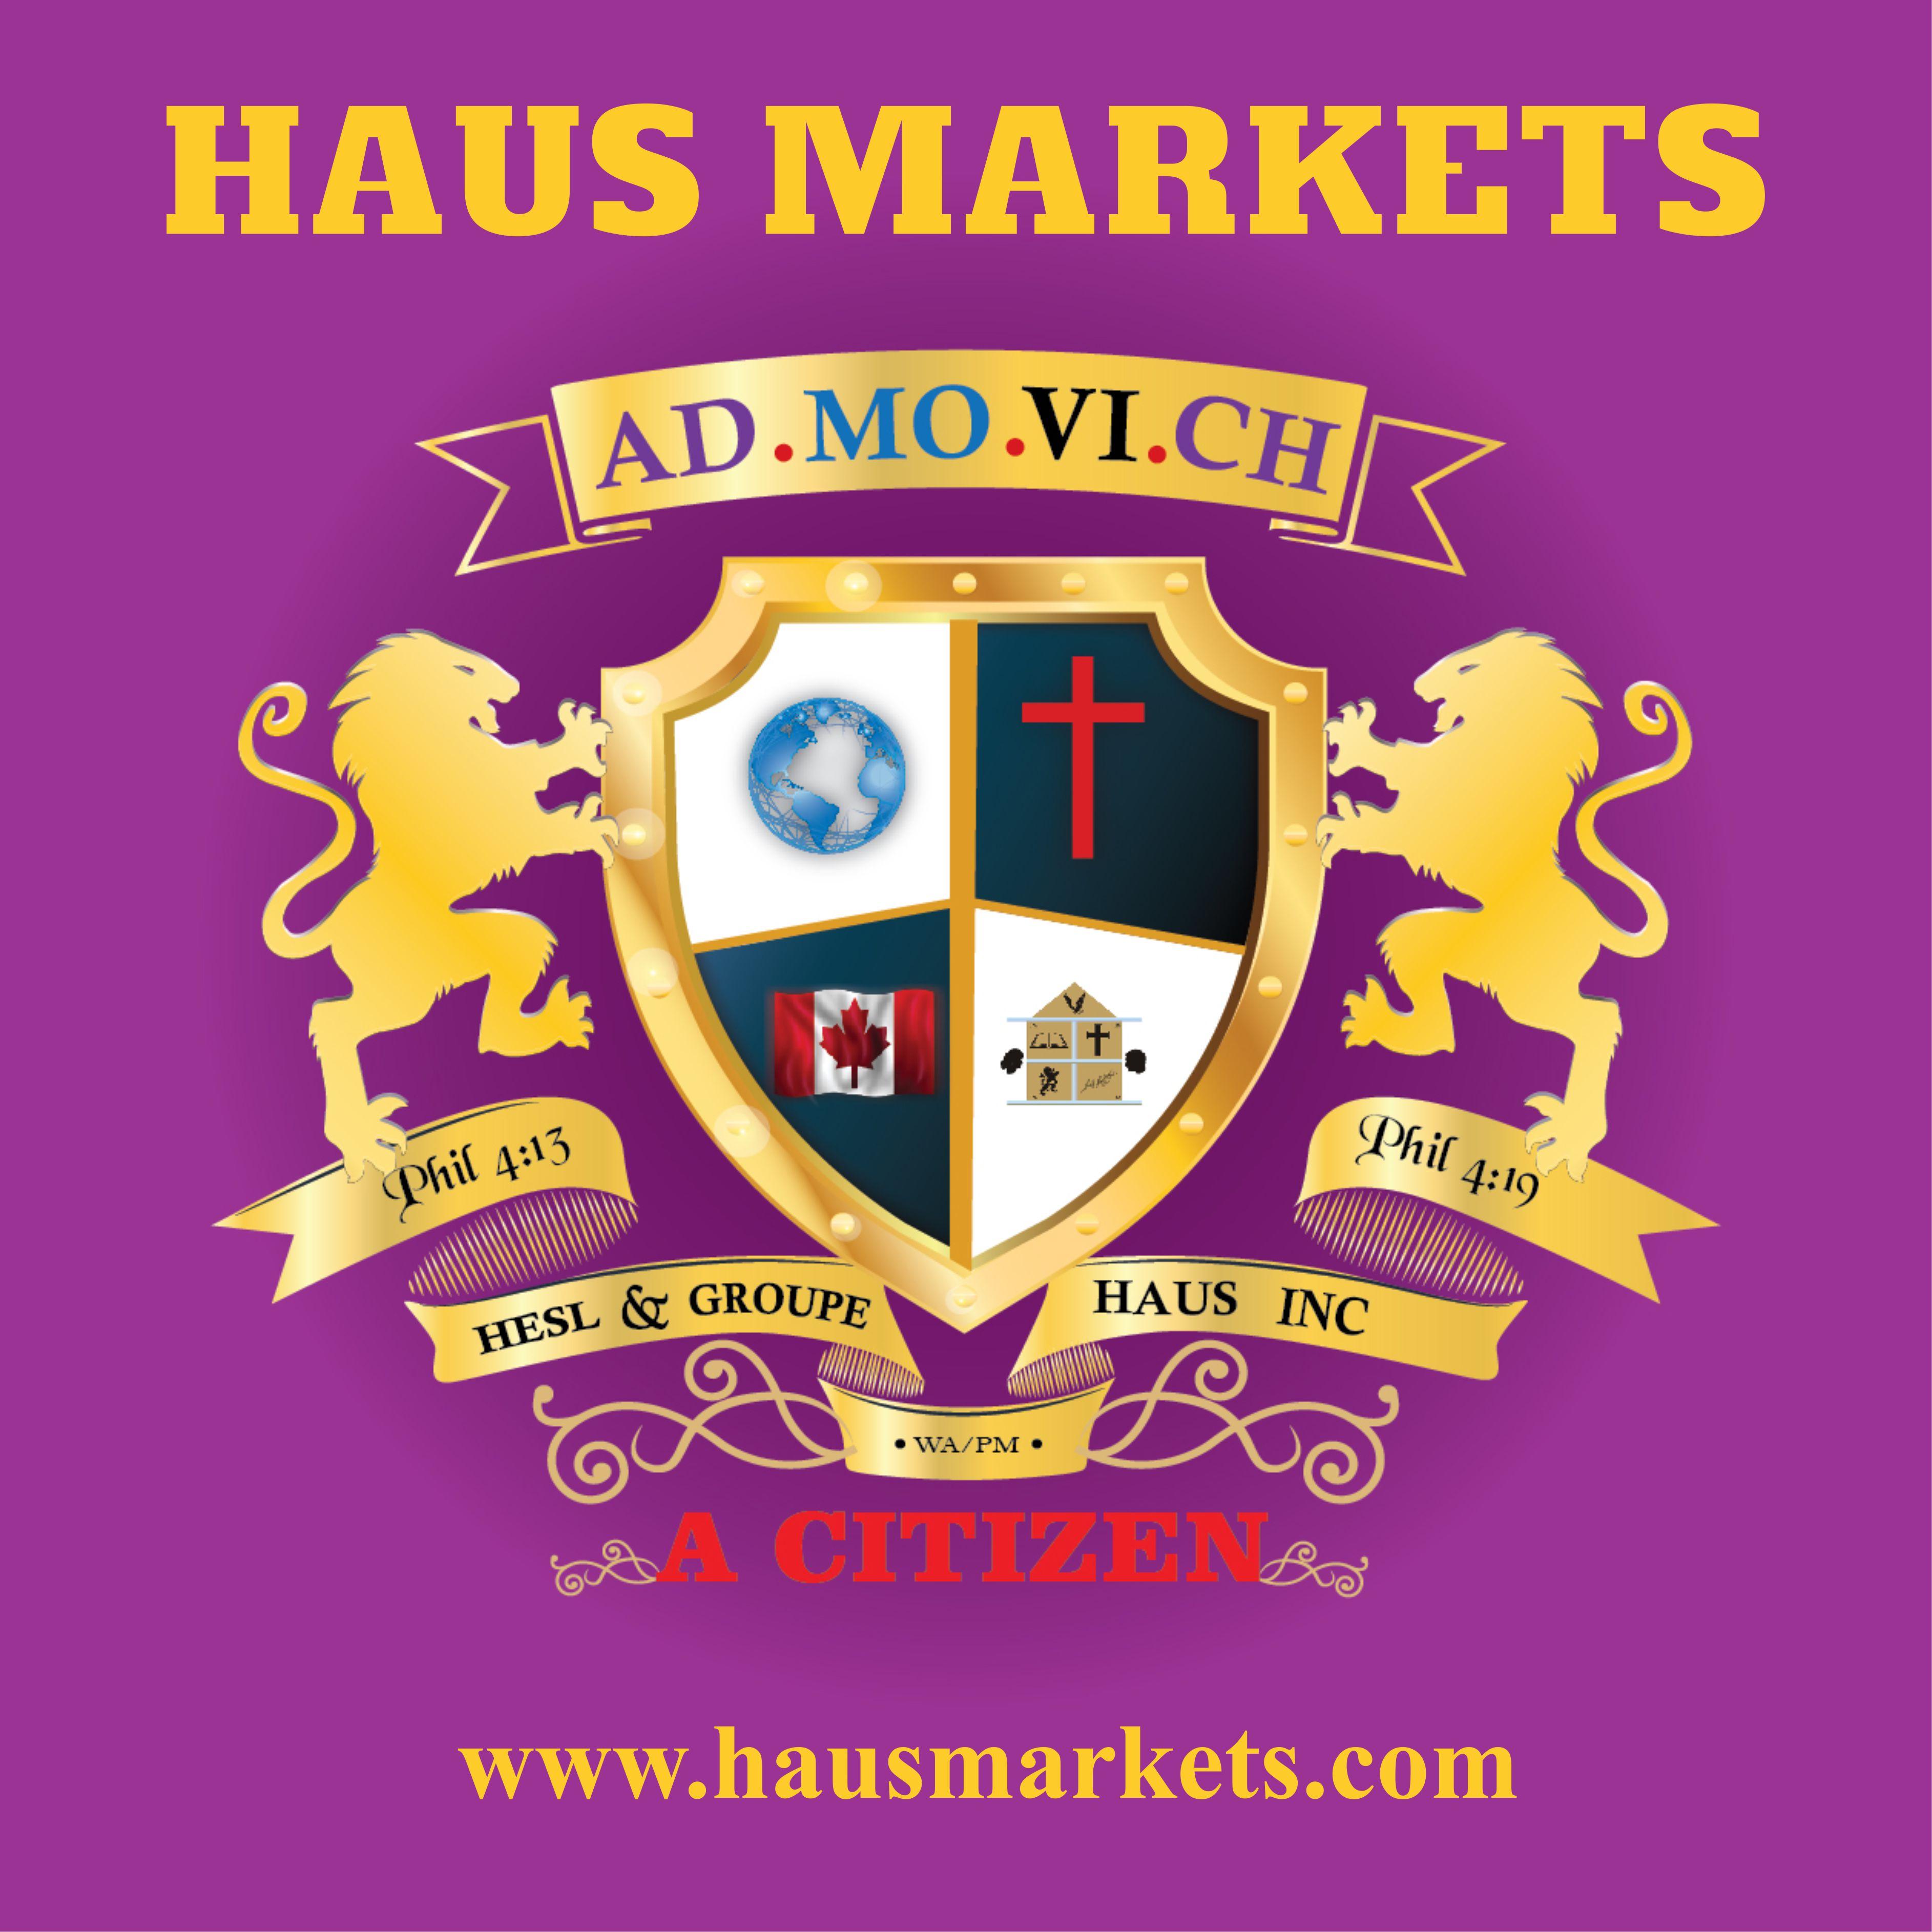 Haus Markets